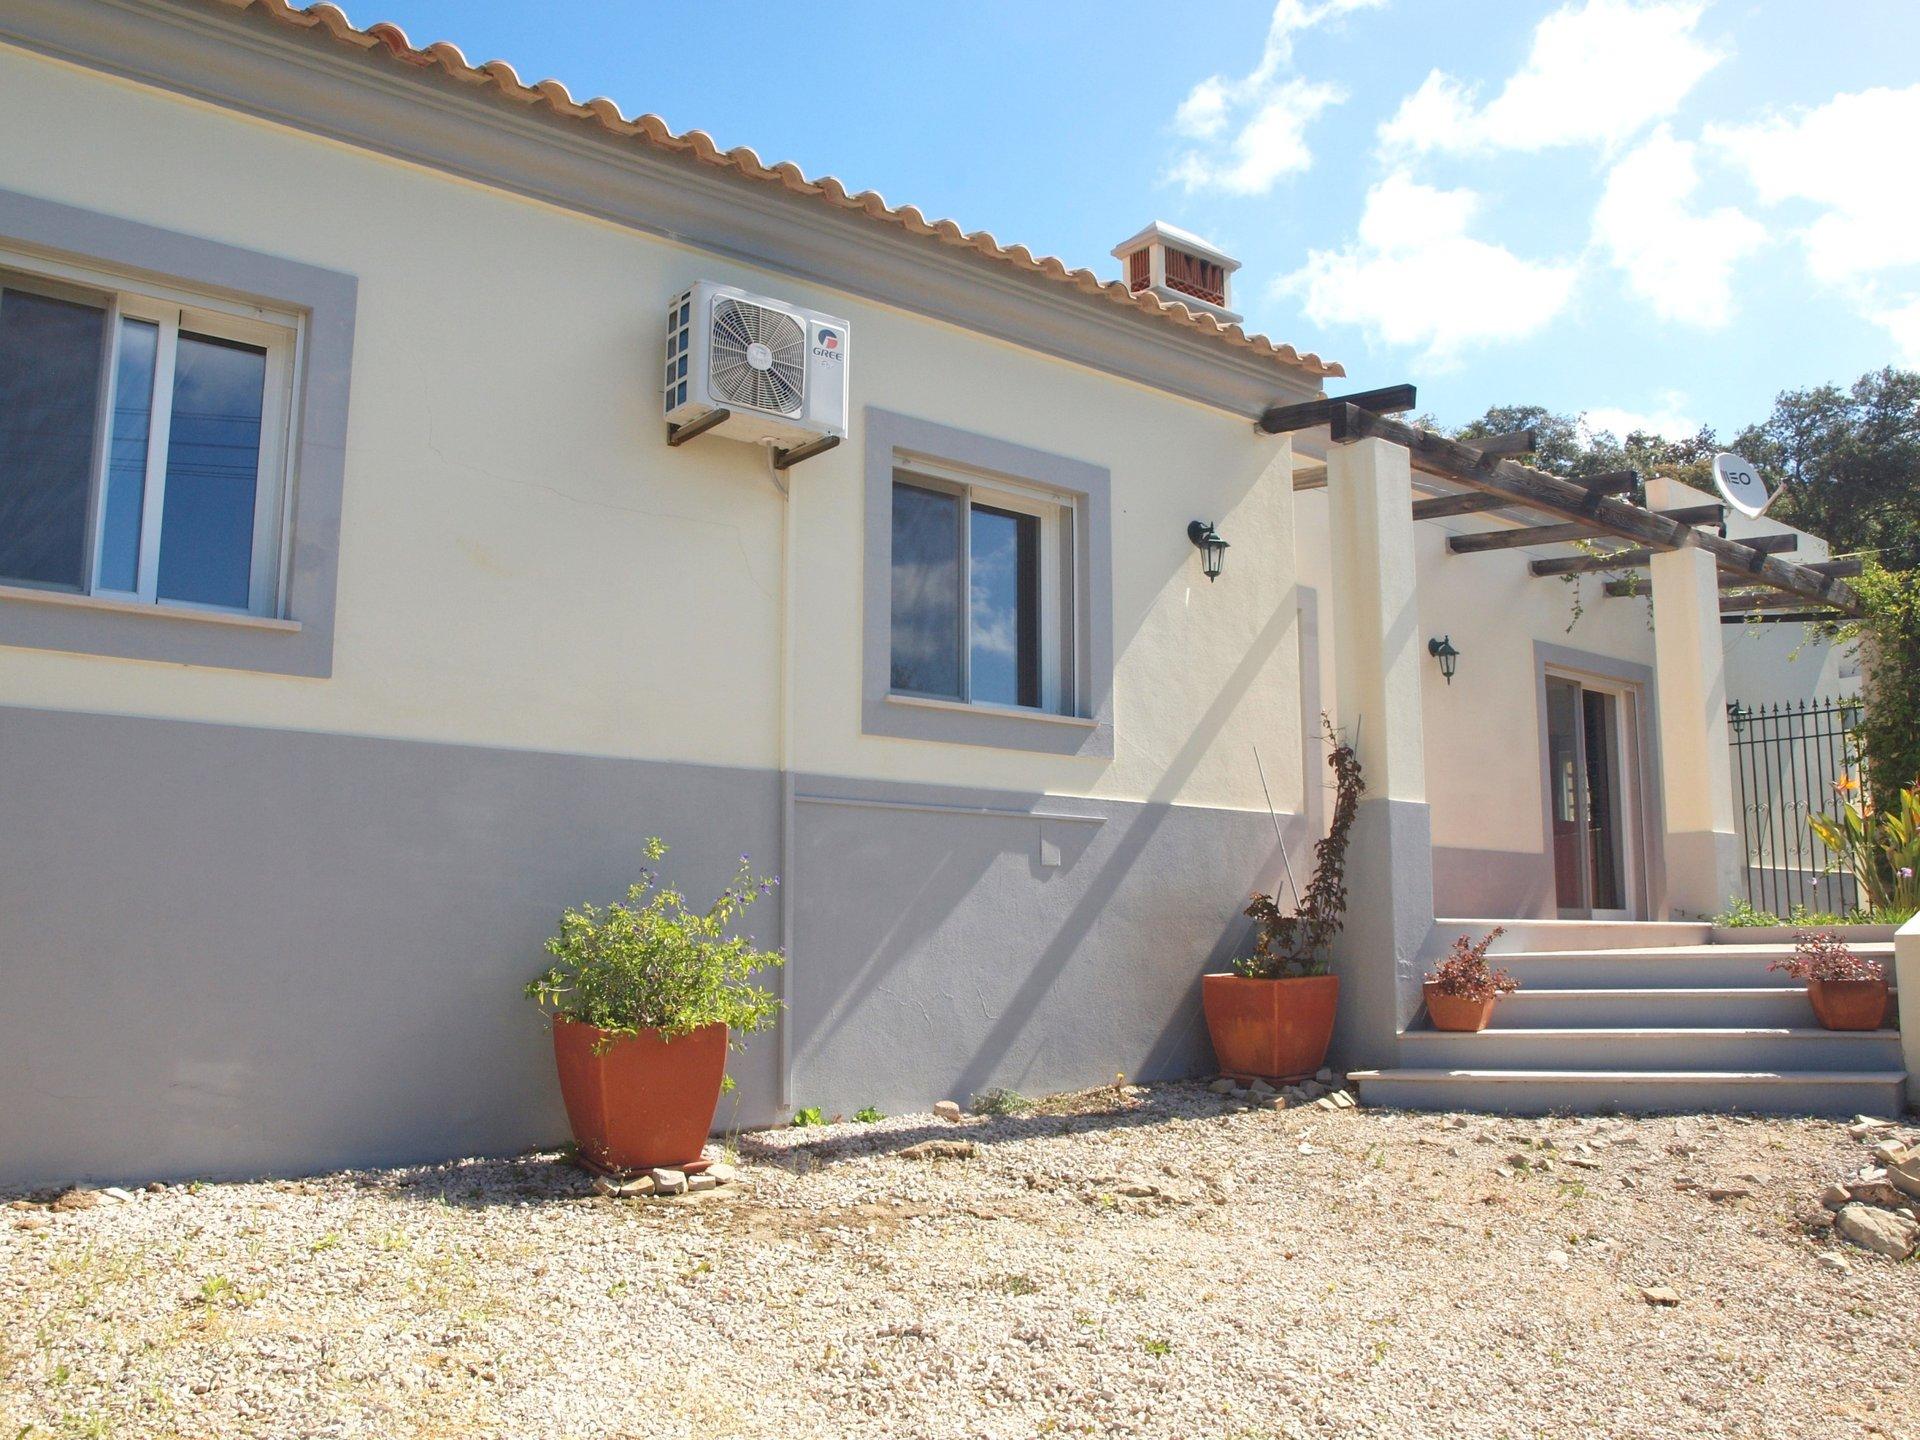 4 Bedroom Villa Sao Bras de Alportel, Central Algarve Ref: RV5413